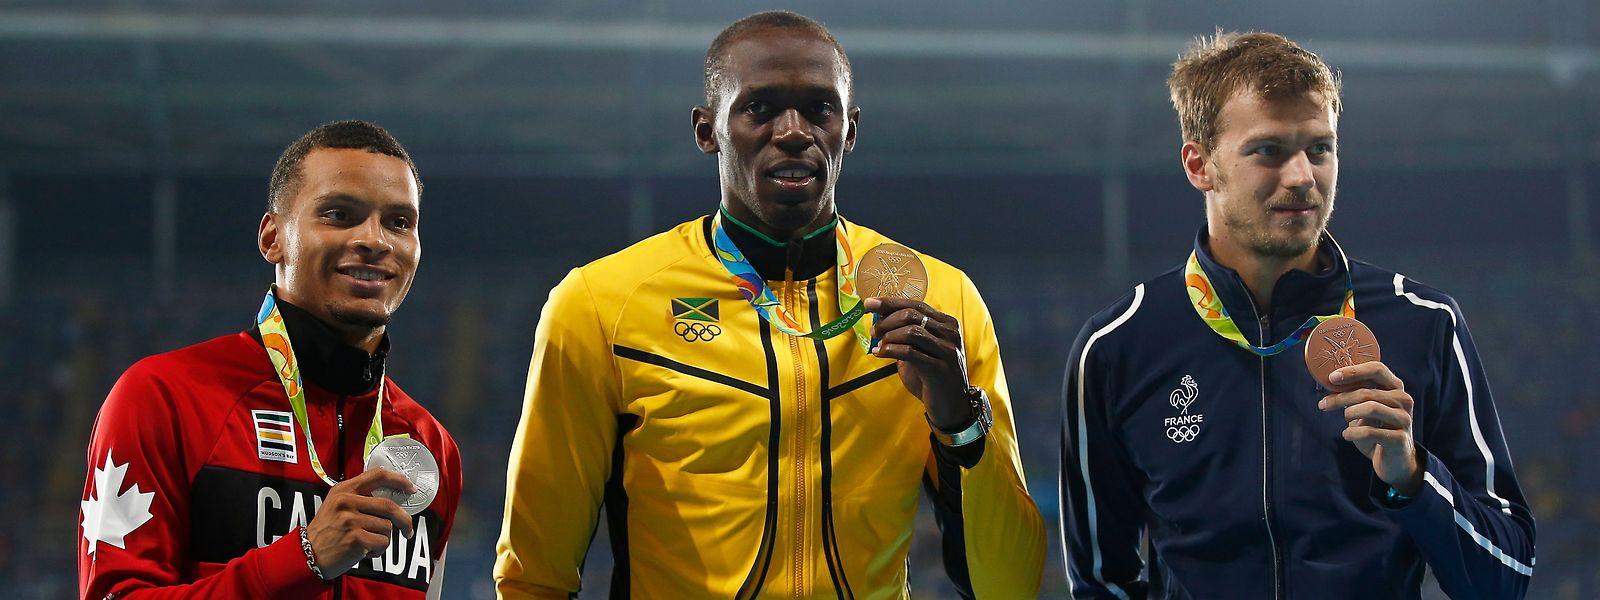 Bei den Olympischen Spielen 2016 steht Christophe Lemaitre (r.) auf dem Podium – neben Usain Bolt und Andre de Grasse (l.).